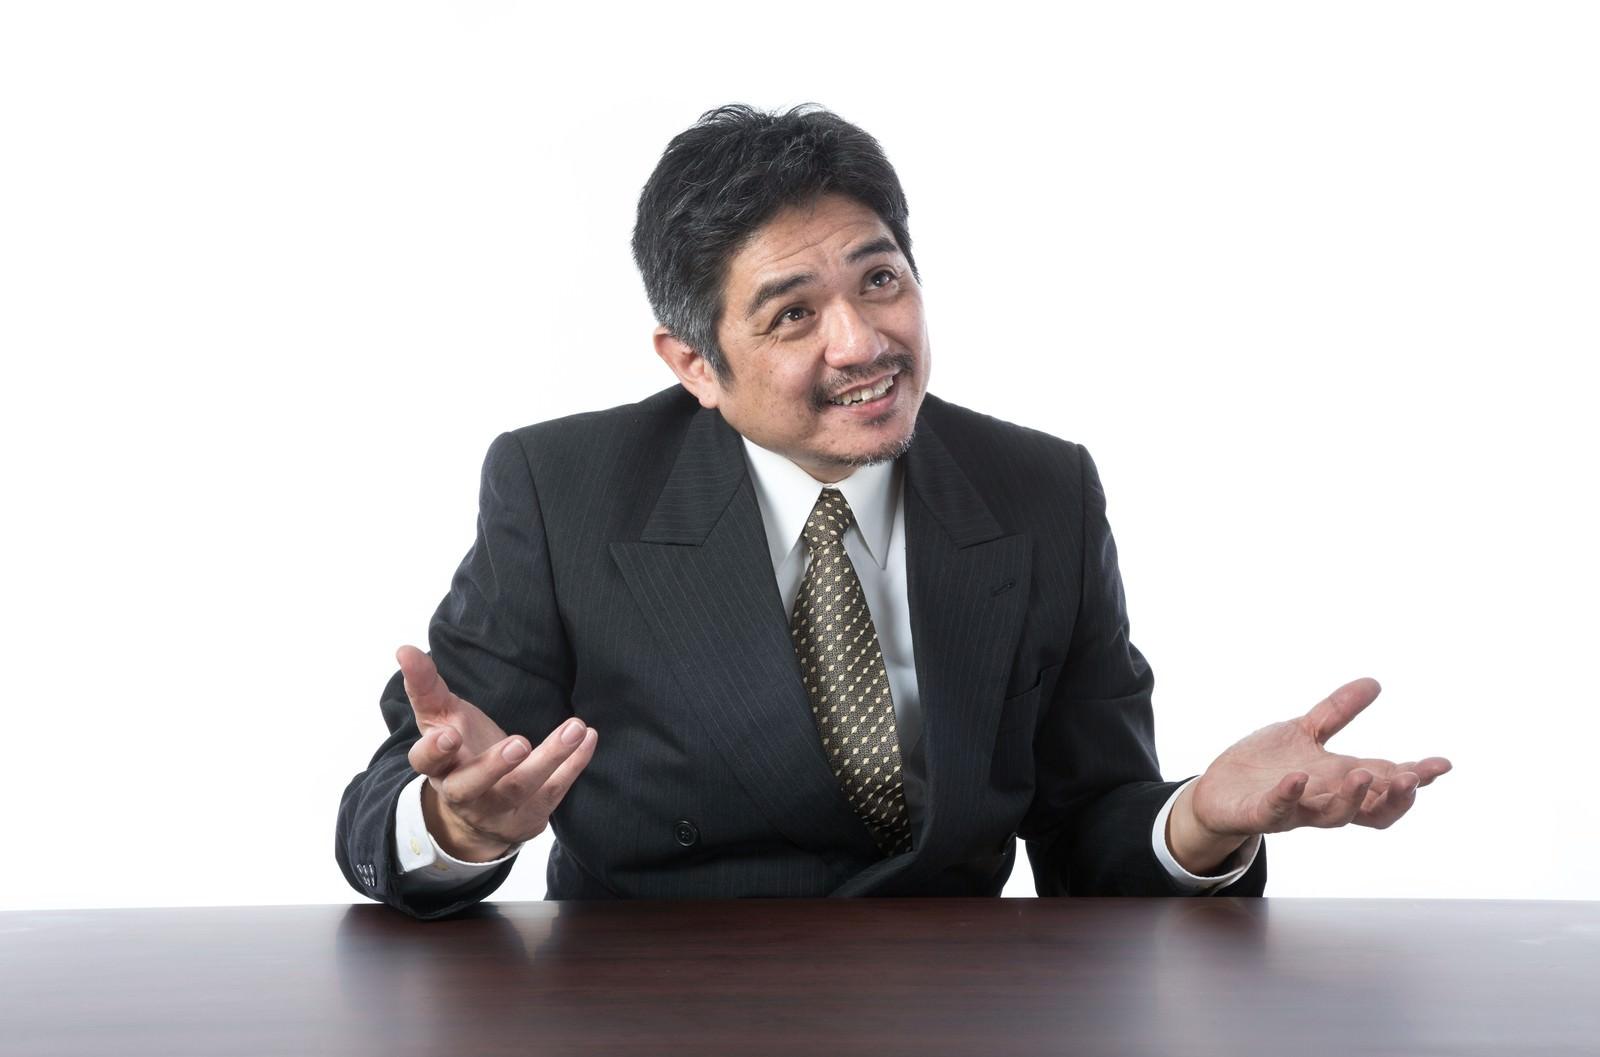 笑顔で説明するスーツ姿の年配上司